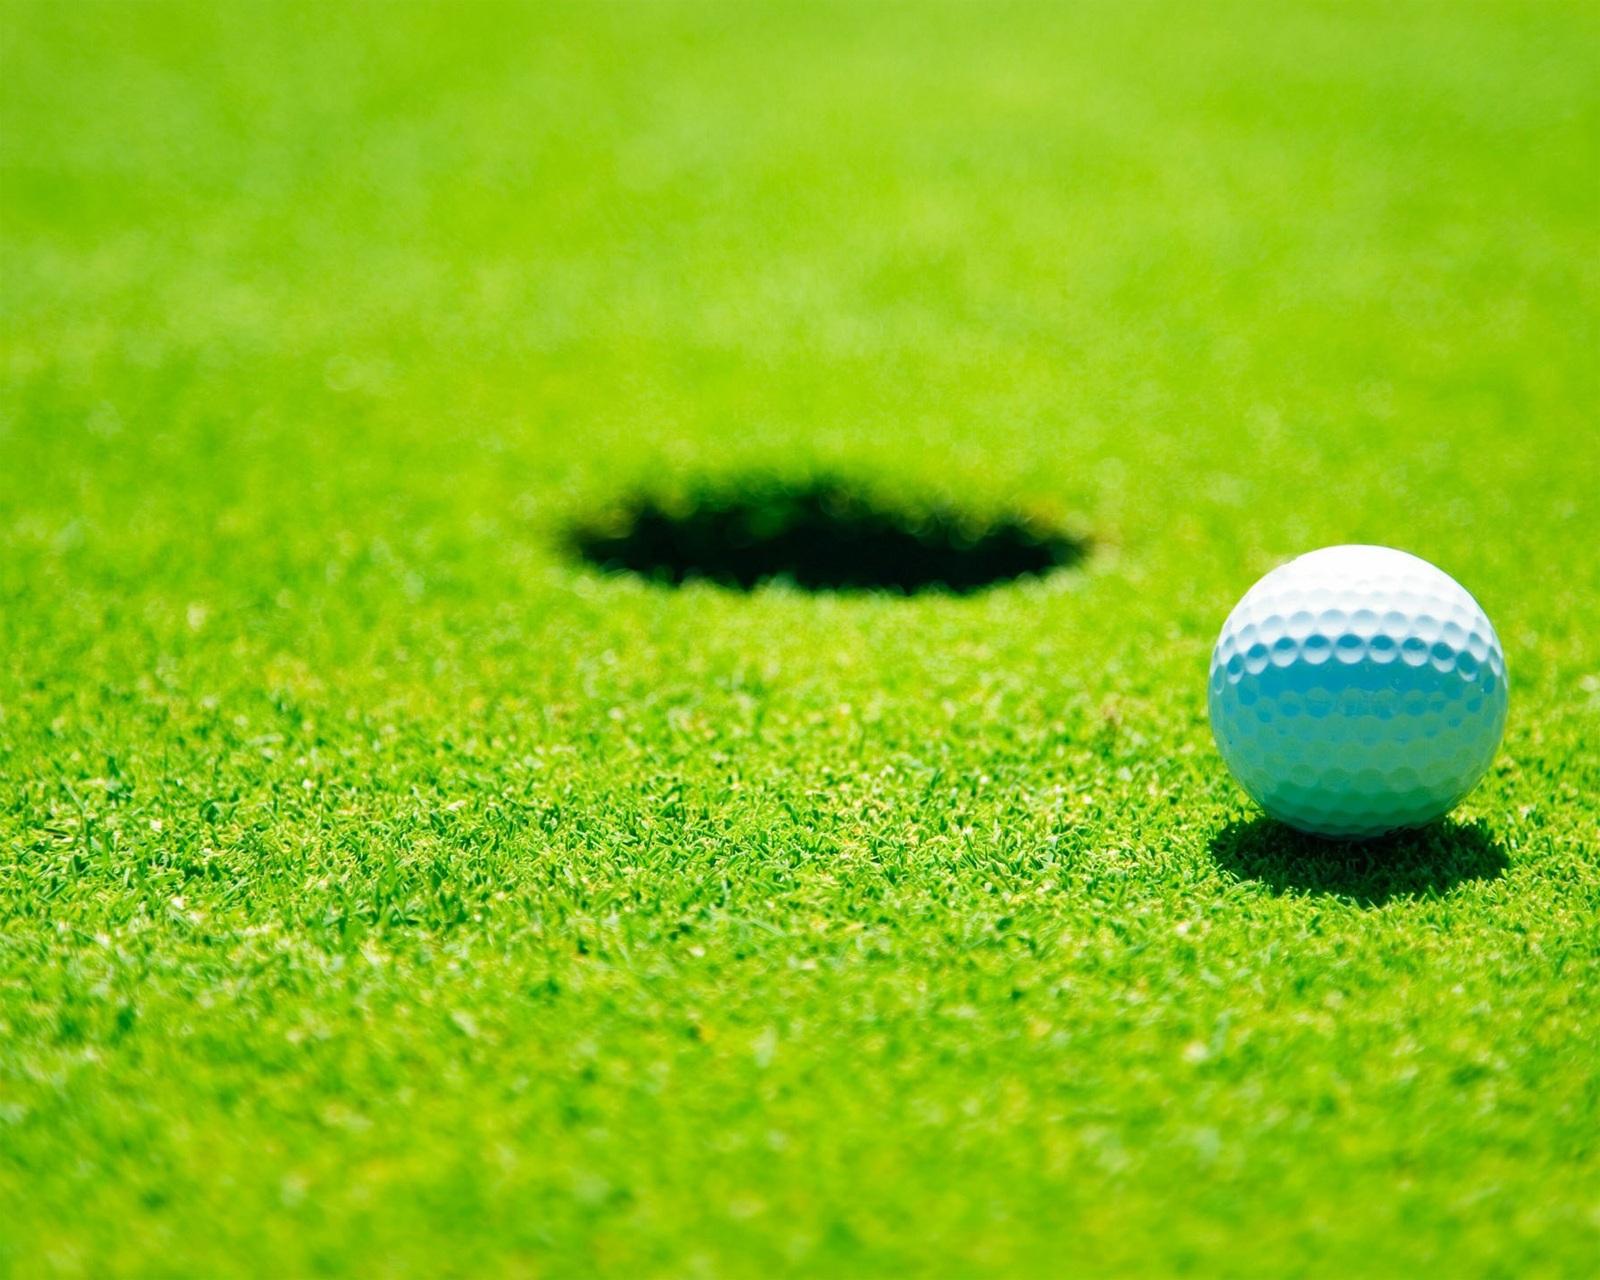 Заставка гольф спорт